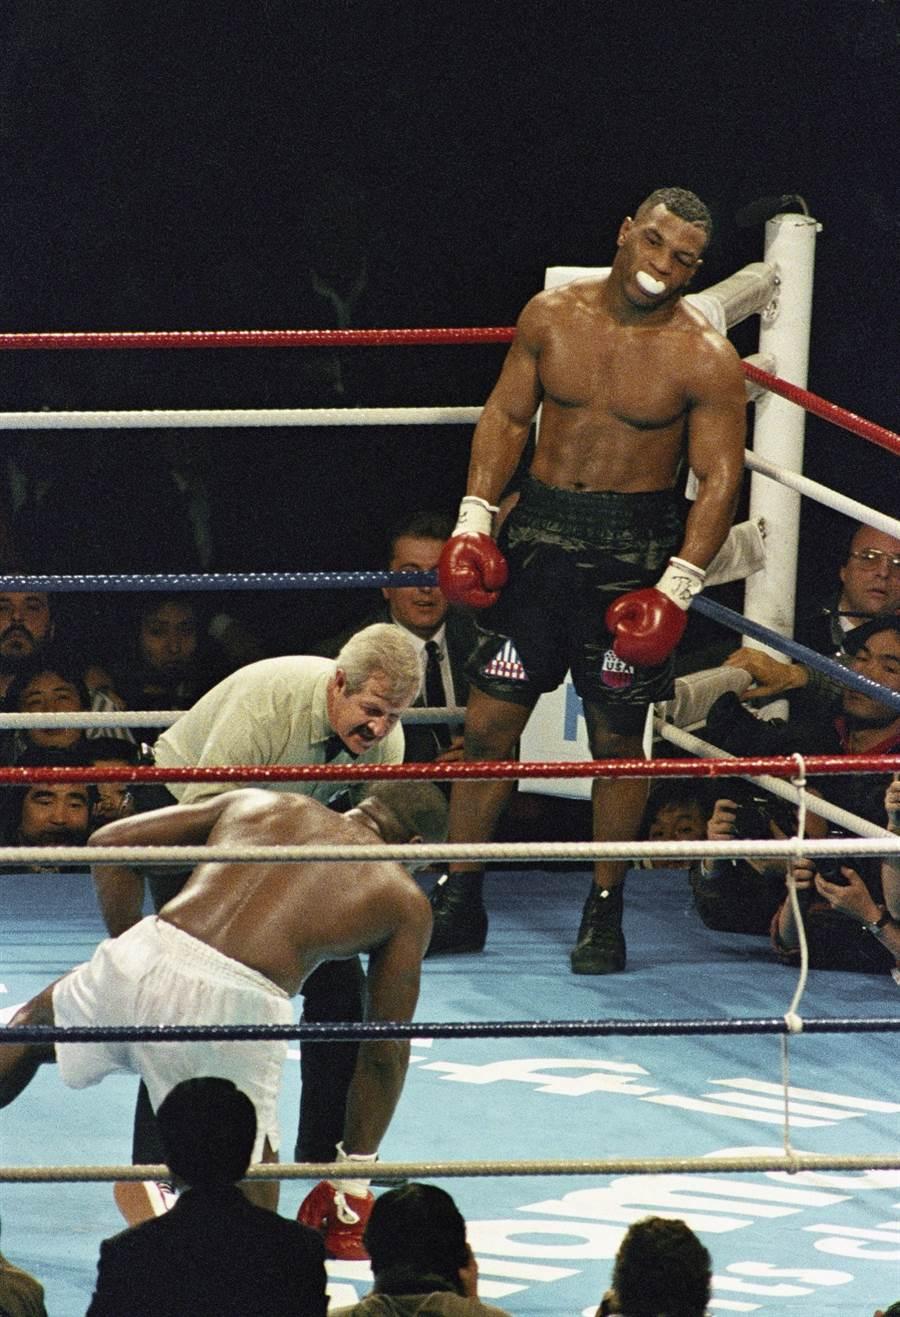 泰森第八回合打倒道格拉斯,但是道格拉斯在10秒前起身。 (美联社资料照)